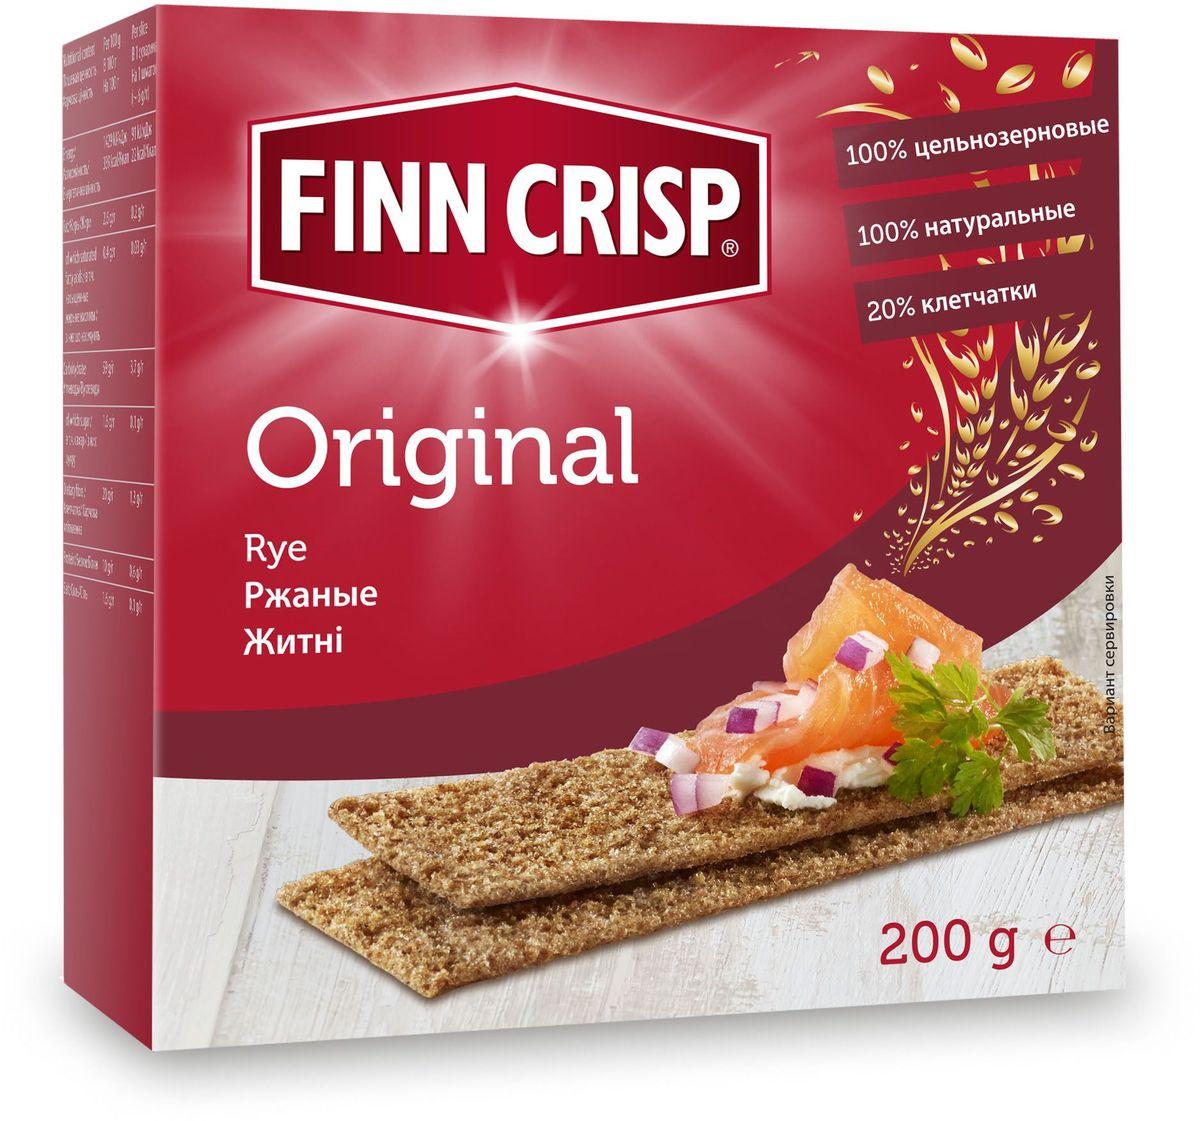 Finn Crisp Original хлебцы ржаные, 200 г20213В 1952 году началось производство сухариков FINN CRISP (ФИНН КРИСП), когда стартовали Олимпийские Игры в Хельсинки (Финляндия). Многие годы натуральные ржаные сухарики FINN CRISP отражают дух Финляндии для миллионов покупателей по всему миру, заботящихся о здоровом питании. Высушивать хлеб - давняя финская традиция и FINN CRISP до сих пор придерживаются этой традиции создавая хлебцы по старому классическому финскому рецепту. Бренд FINN CRISP принадлежит компании VAASAN Group's. VAASAN - это крупнейшая хлебопекарная компания в Балтийском регионе со столетней историей, занимающаяся производством продукции для правильного и здорового питания. Занимающая второе место по производству сухариков и хлебцев, а её продукция экспортируются в более чем 50 государств!